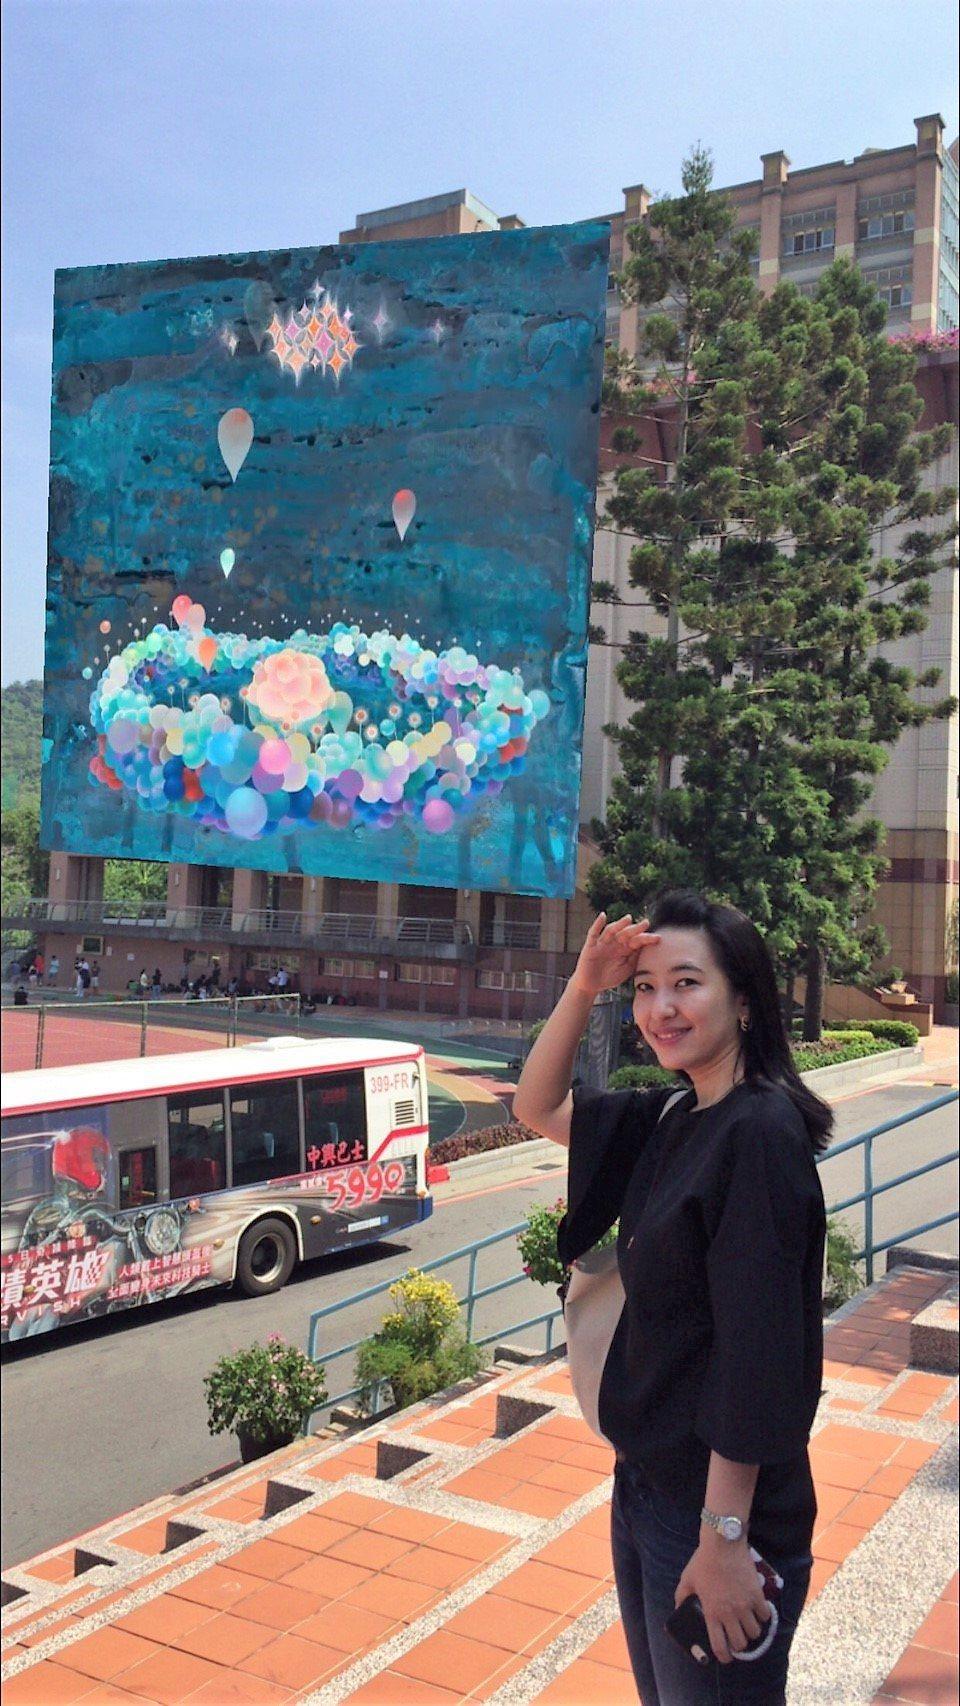 透過手機螢幕,東吳大學校舍牆上出現大幅畫作。圖/東吳大學提供